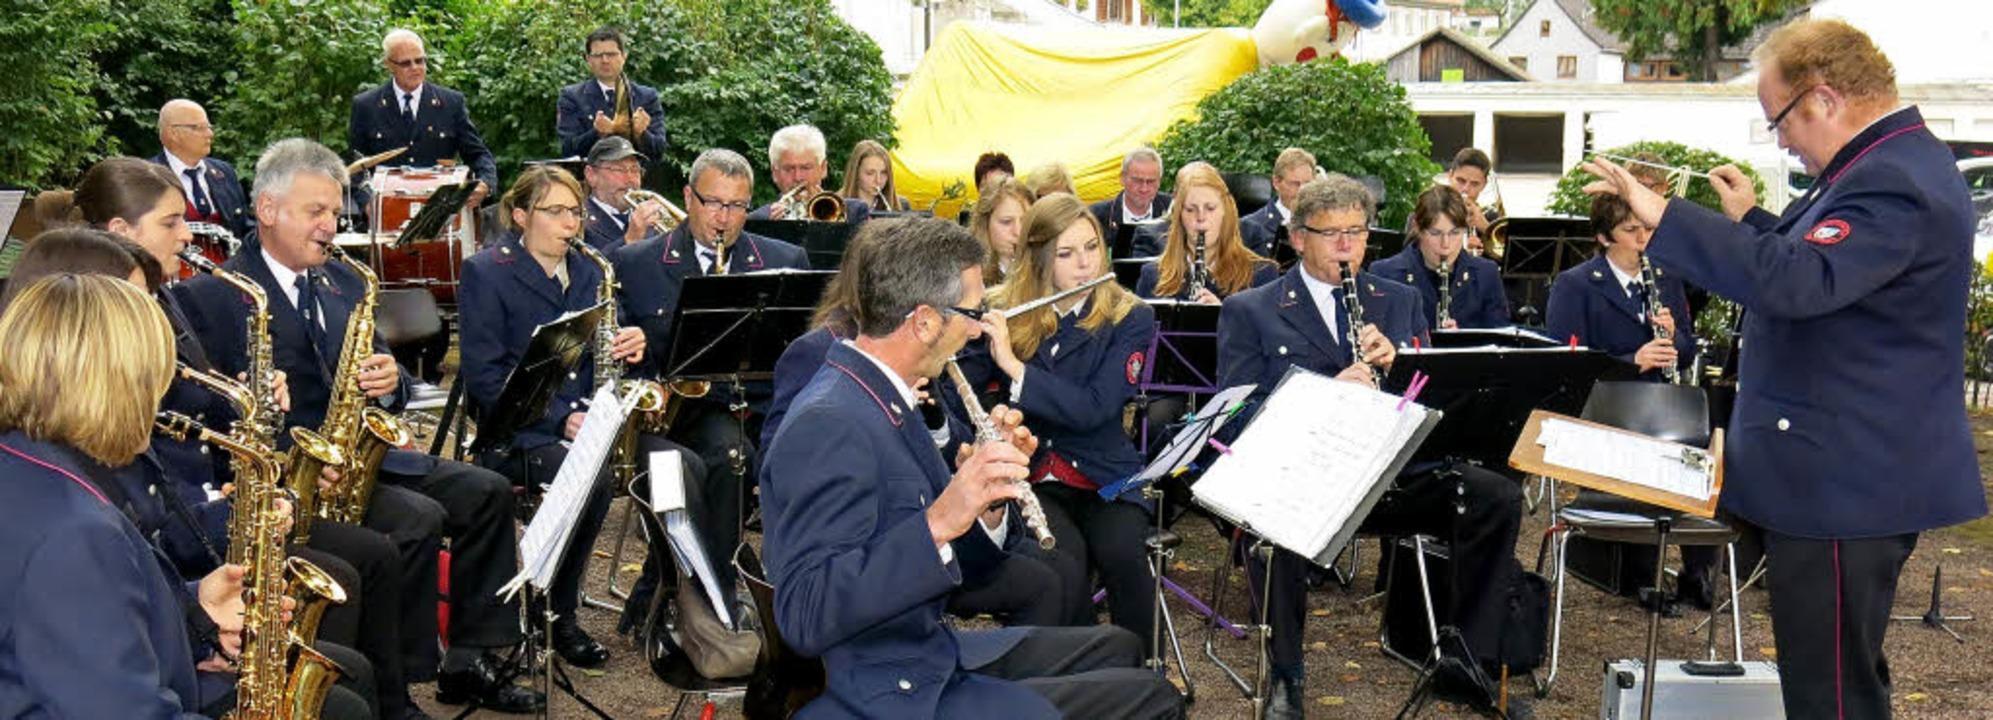 Für musikalische Unterhaltung im Bonnd...dingen unter Leitung von Marco Peter.     Foto: Erhard Morath